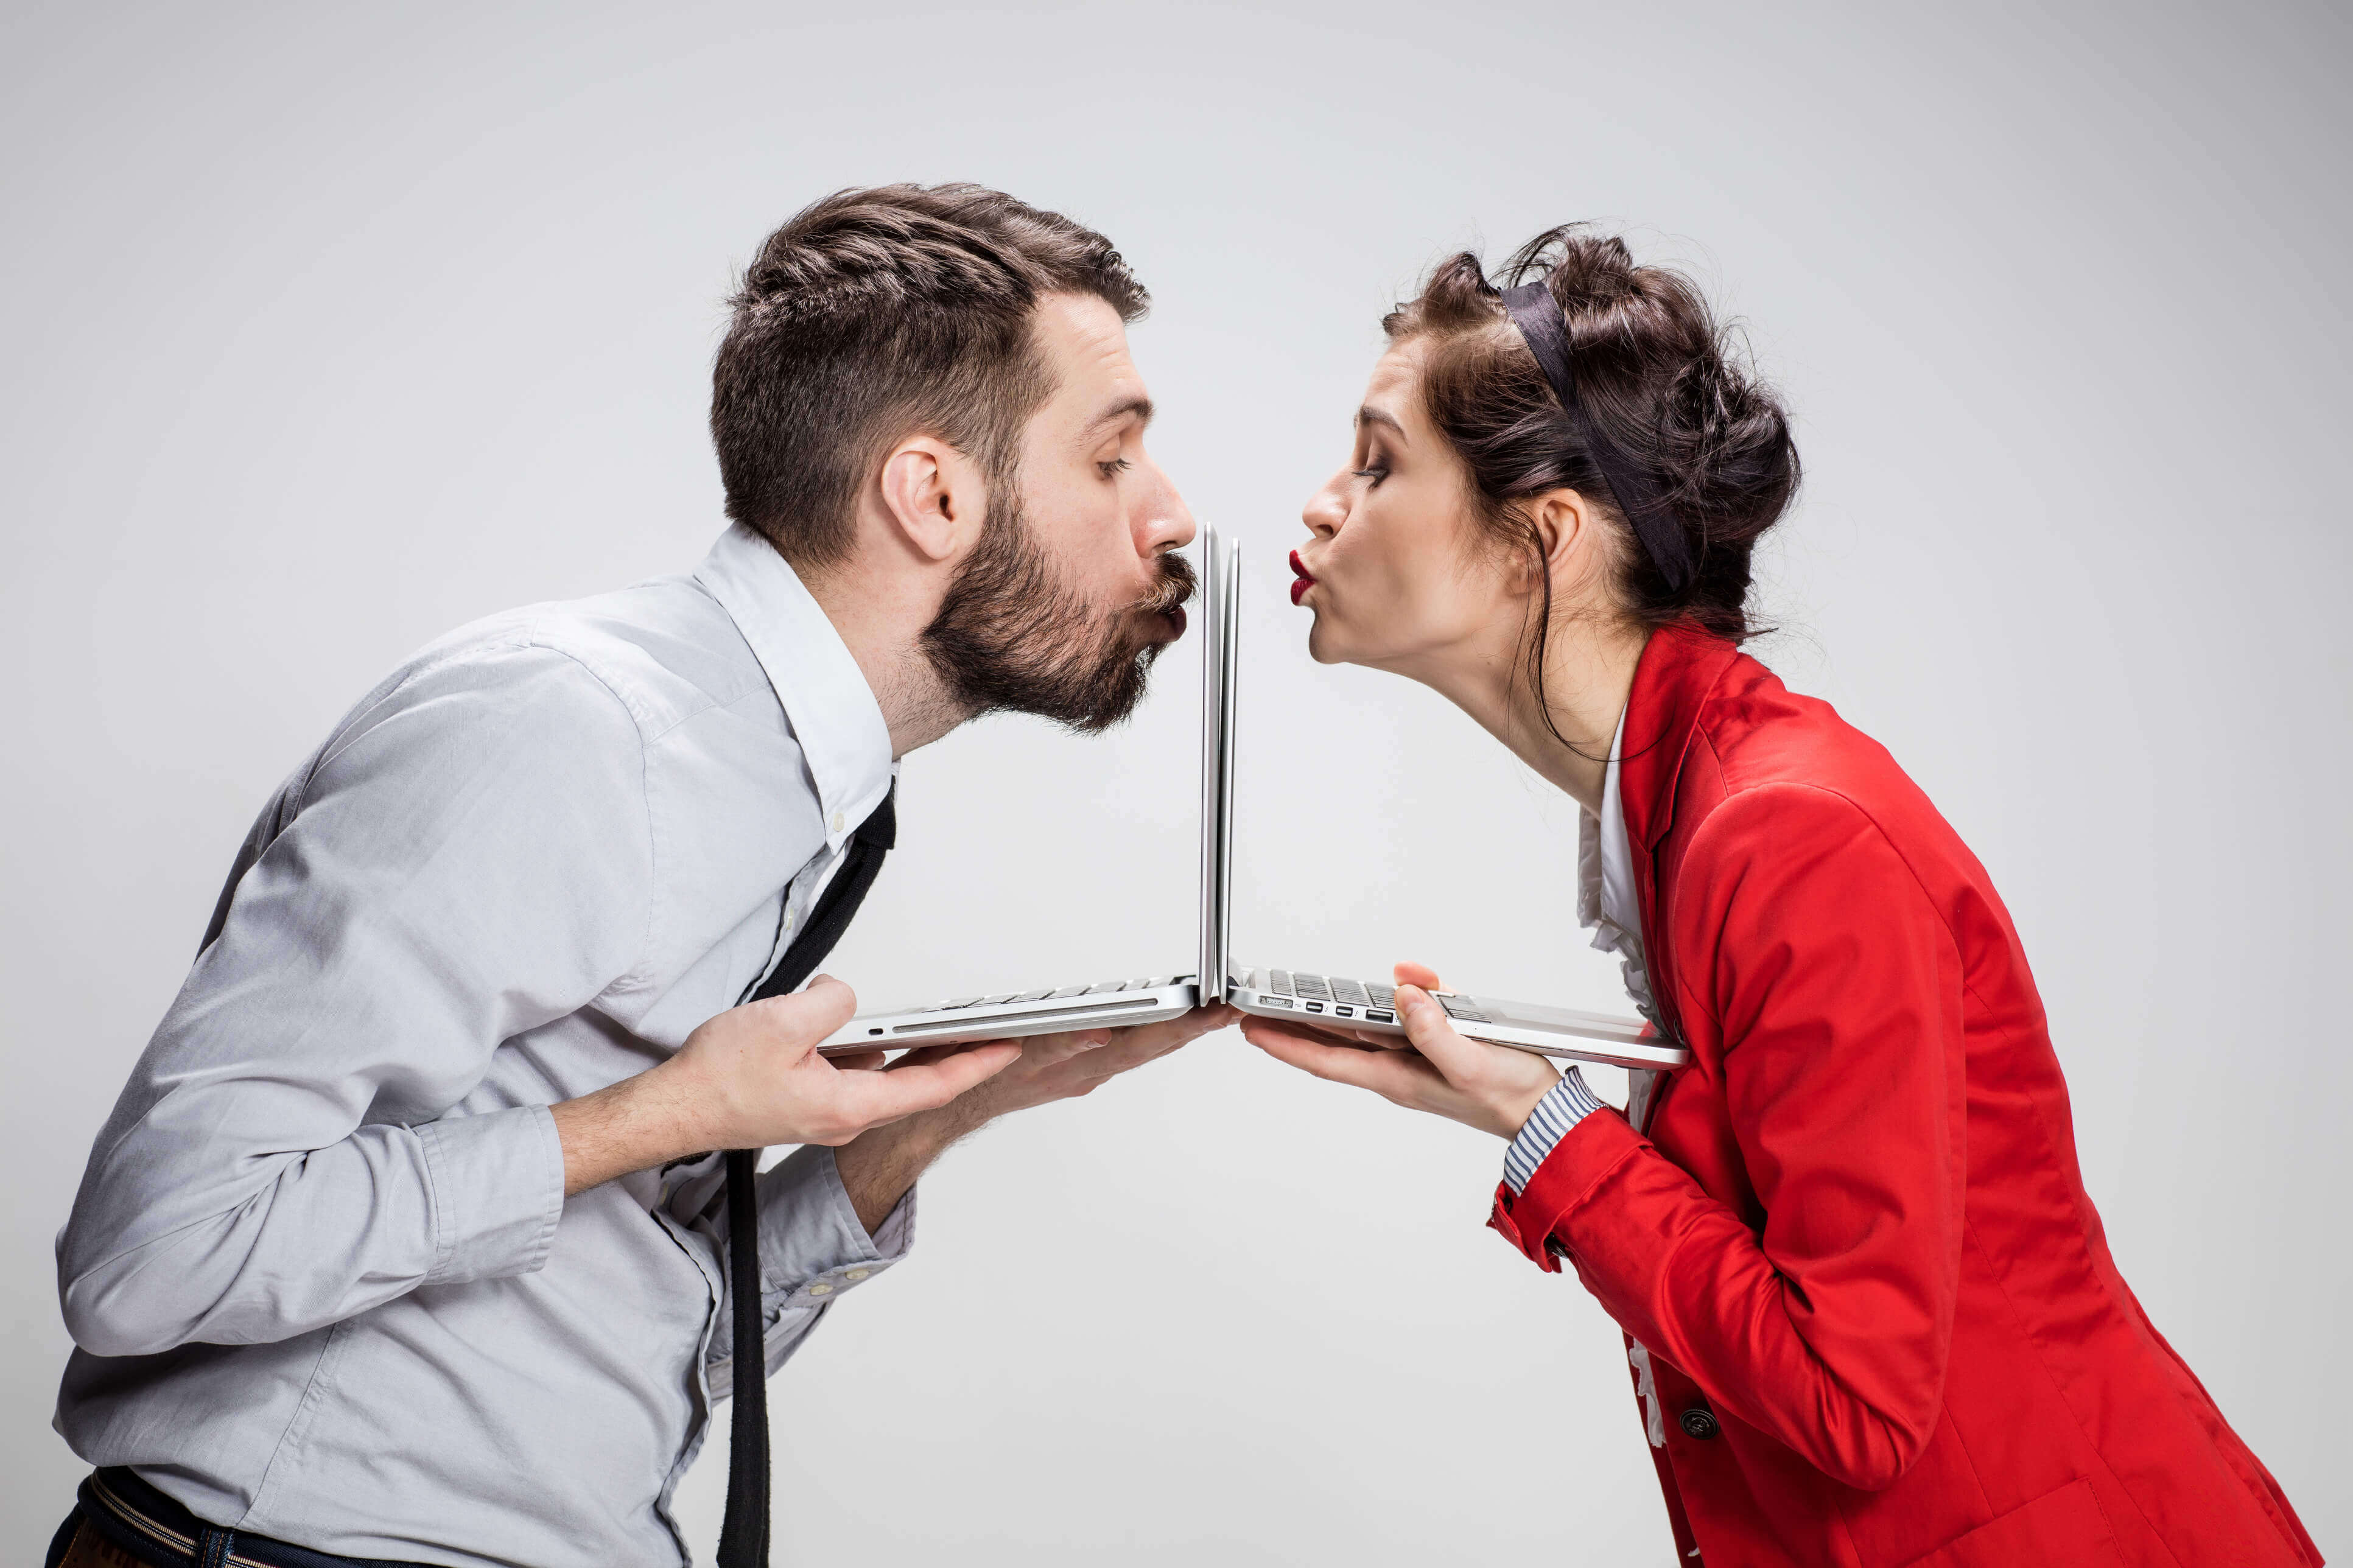 Agen? ia de dating Mauritius. Dating femei convertite